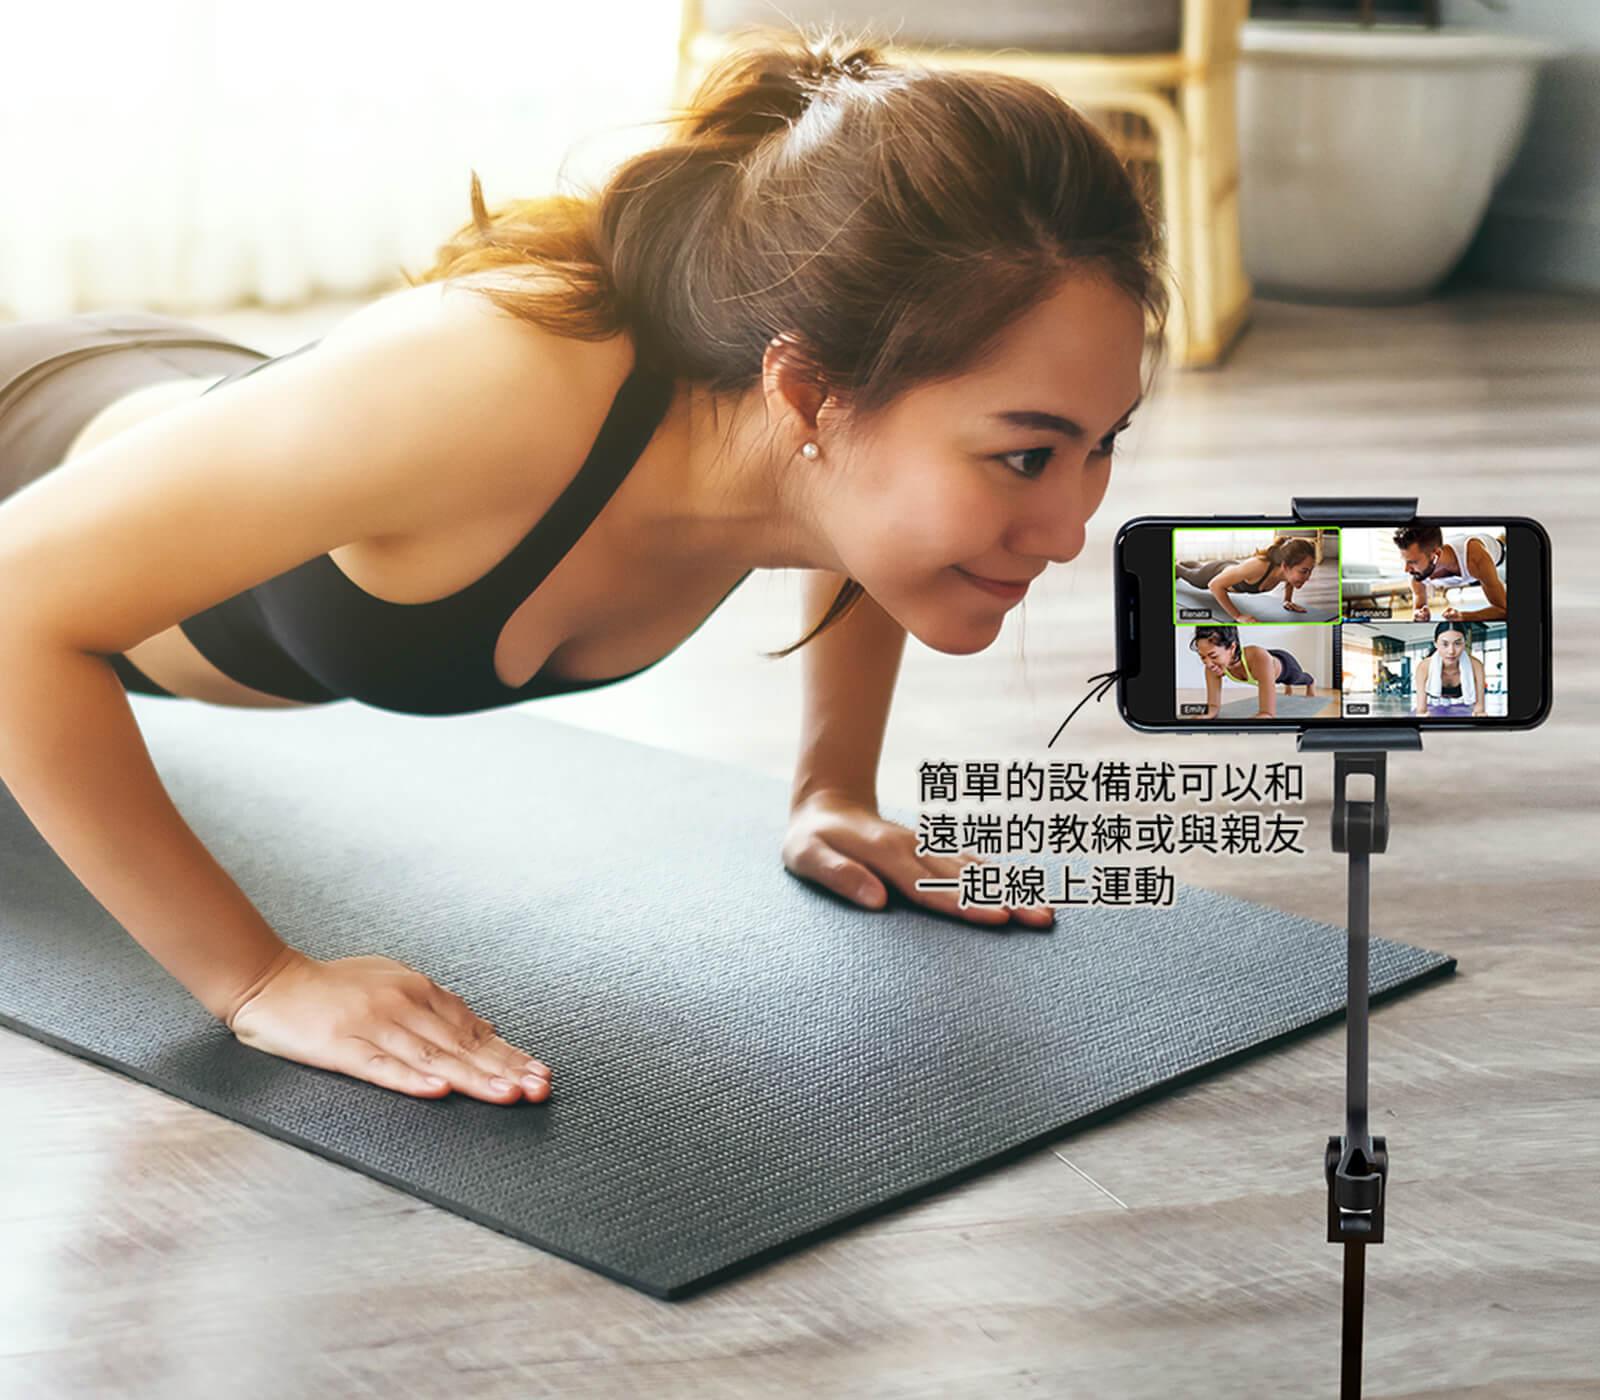 簡單的設備就可以和遠端的教練或與親友一起線上運動